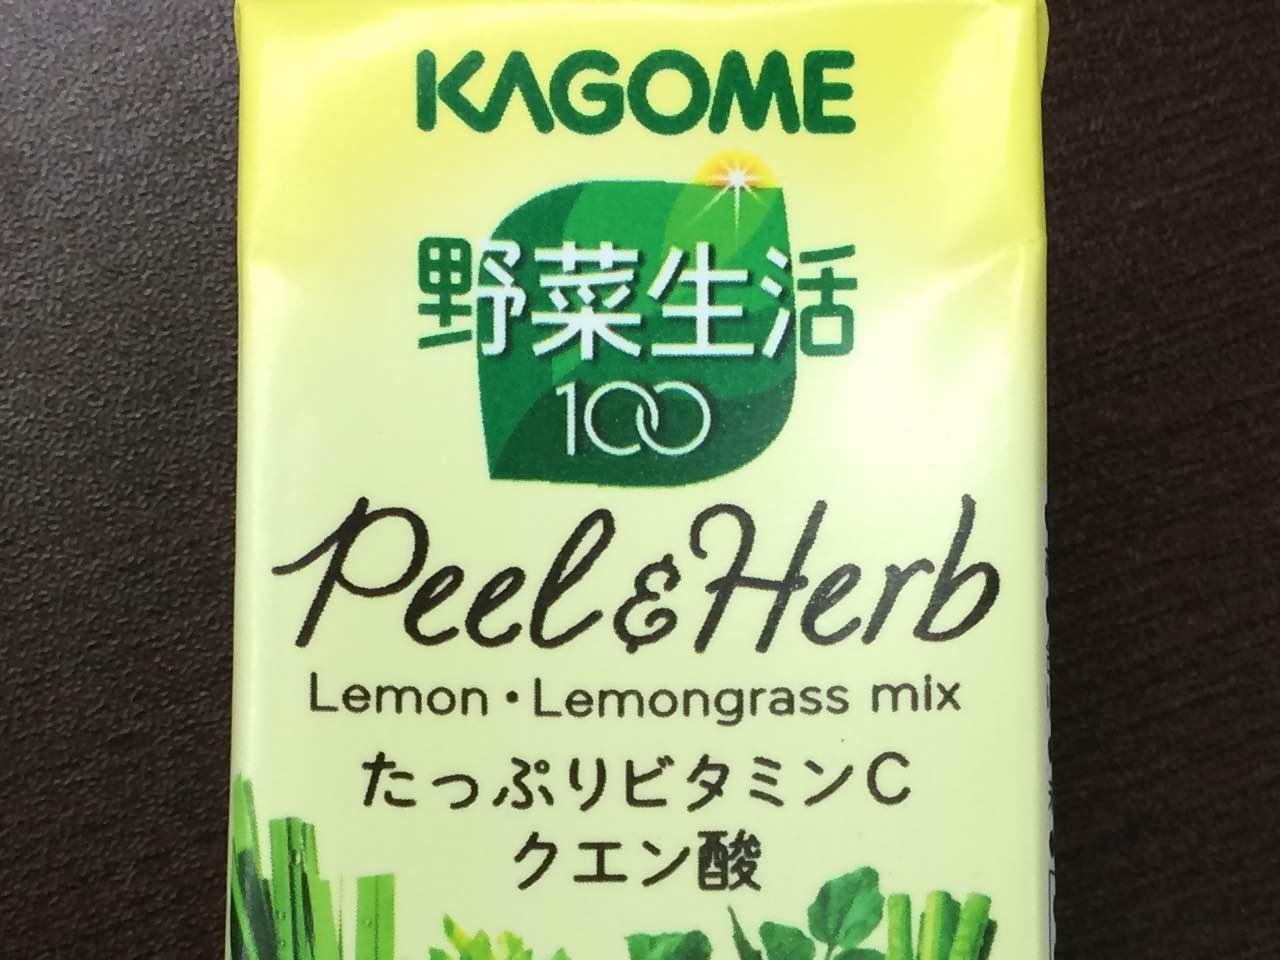 野菜生活100 Peel&Herb レモン・レモングラスミックス